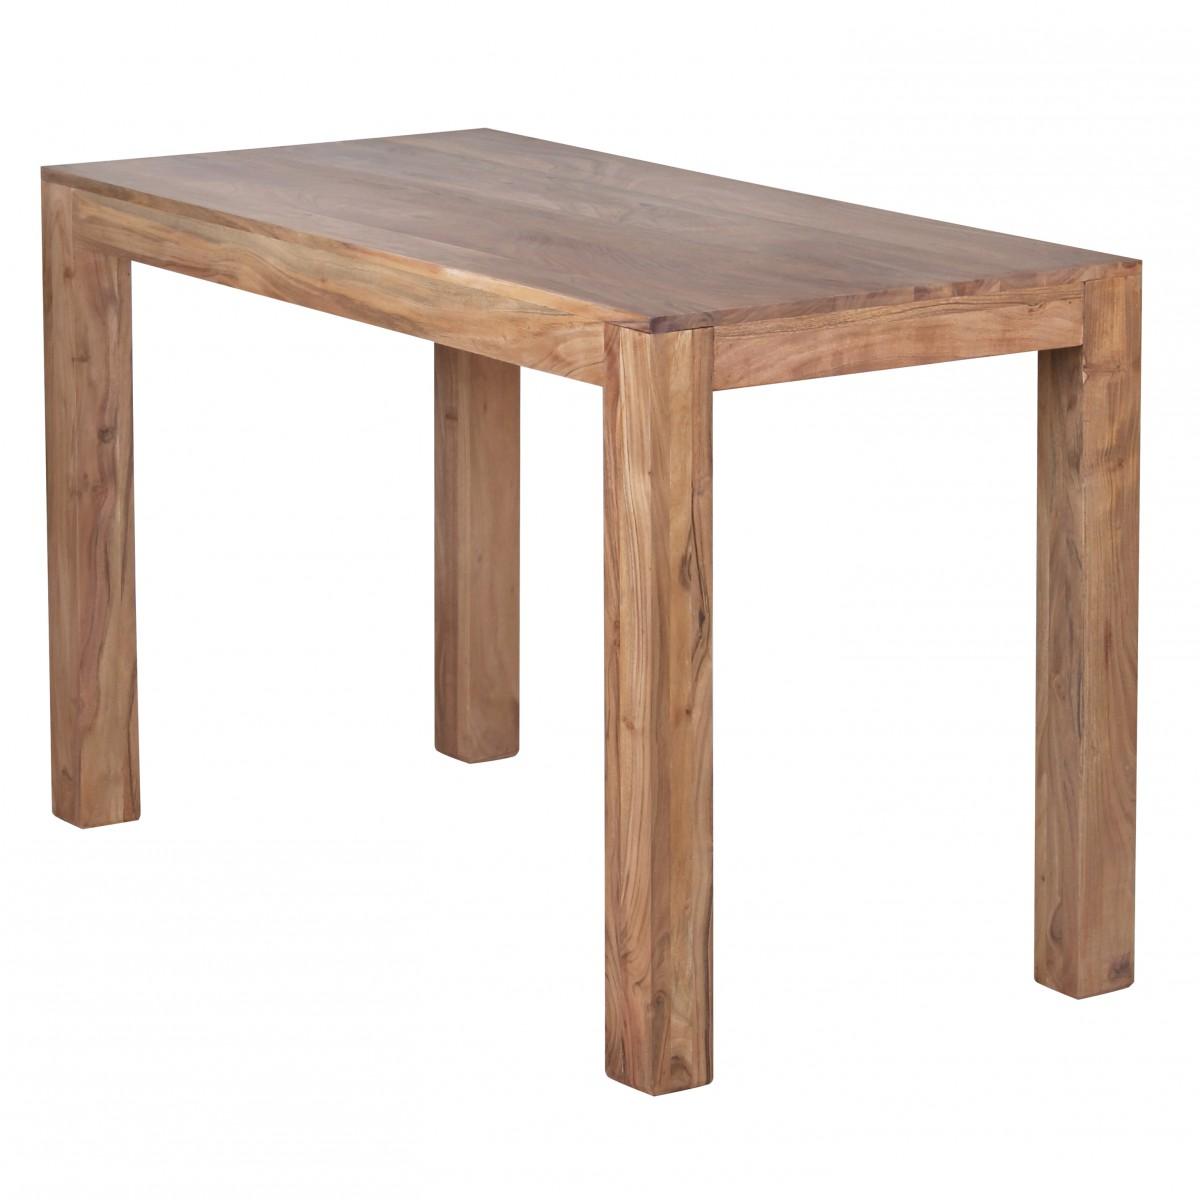 Wohnling esstisch massivholz akazie 120 cm esszimmer tisch for Esstisch 90 x 60 cm